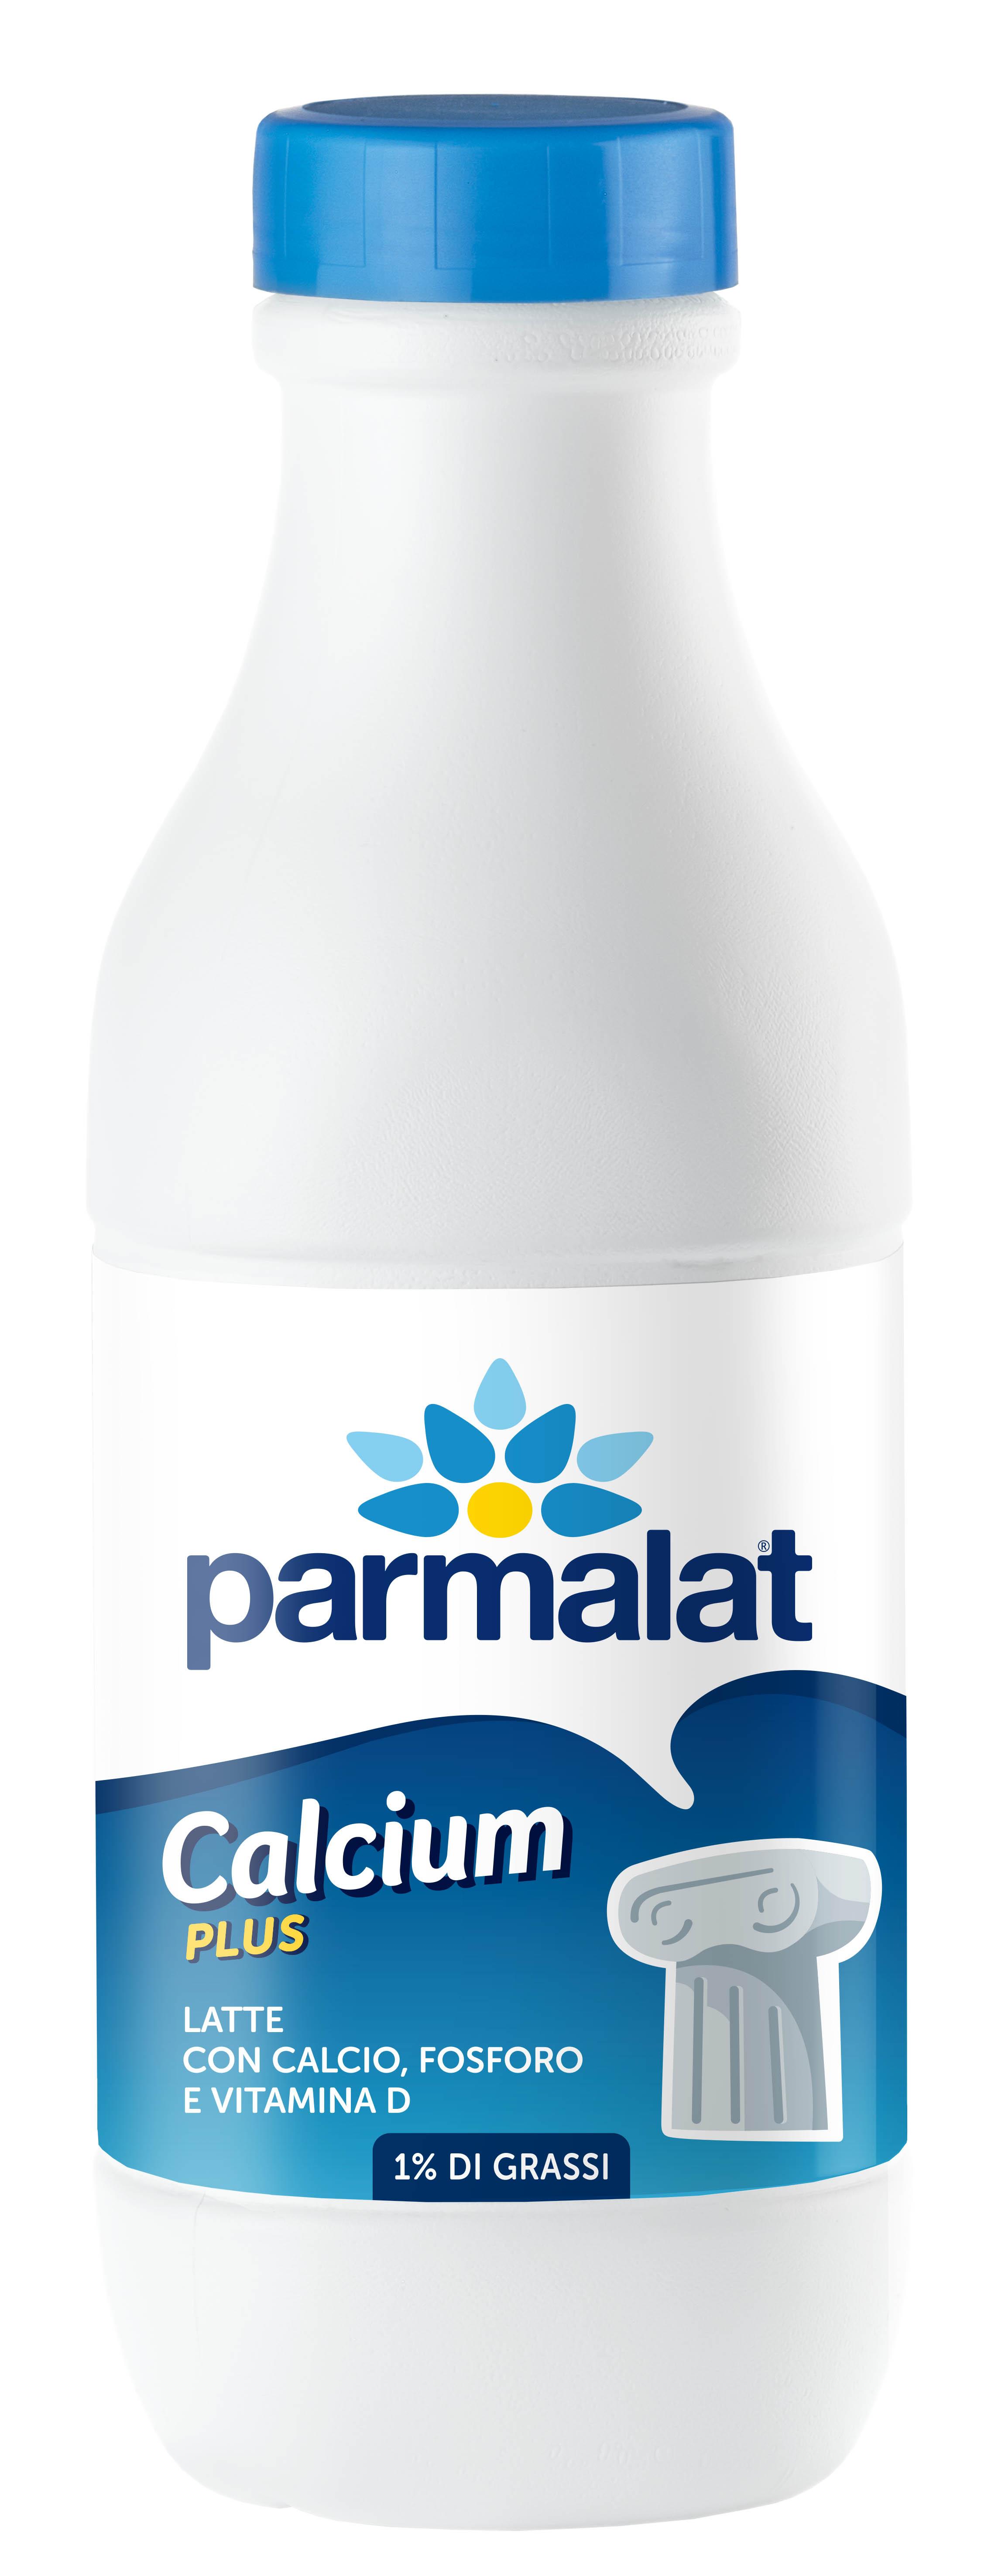 Latte Calcium plus Parmalat